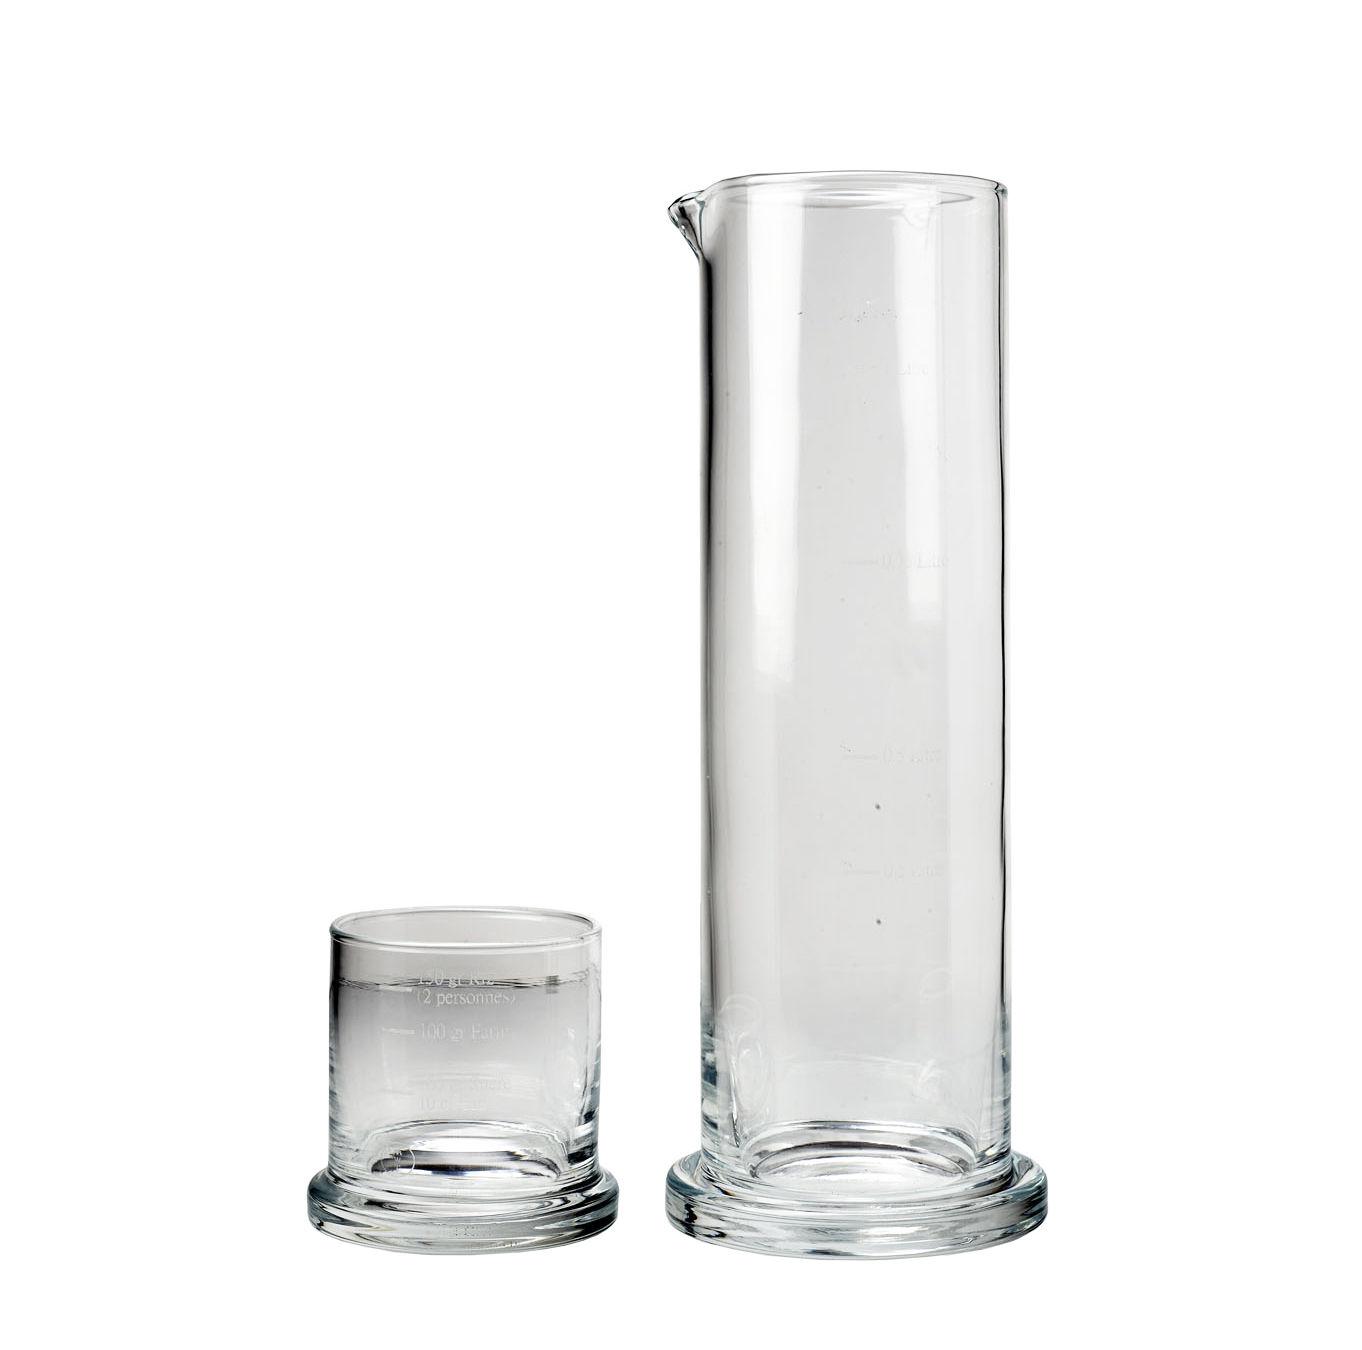 Arts de la table - Carafes et décanteurs - Verre doseur Le Duo / Verre gradué - Multifonction - Malle W. Trousseau - Transparent - Verre soufflé bouche